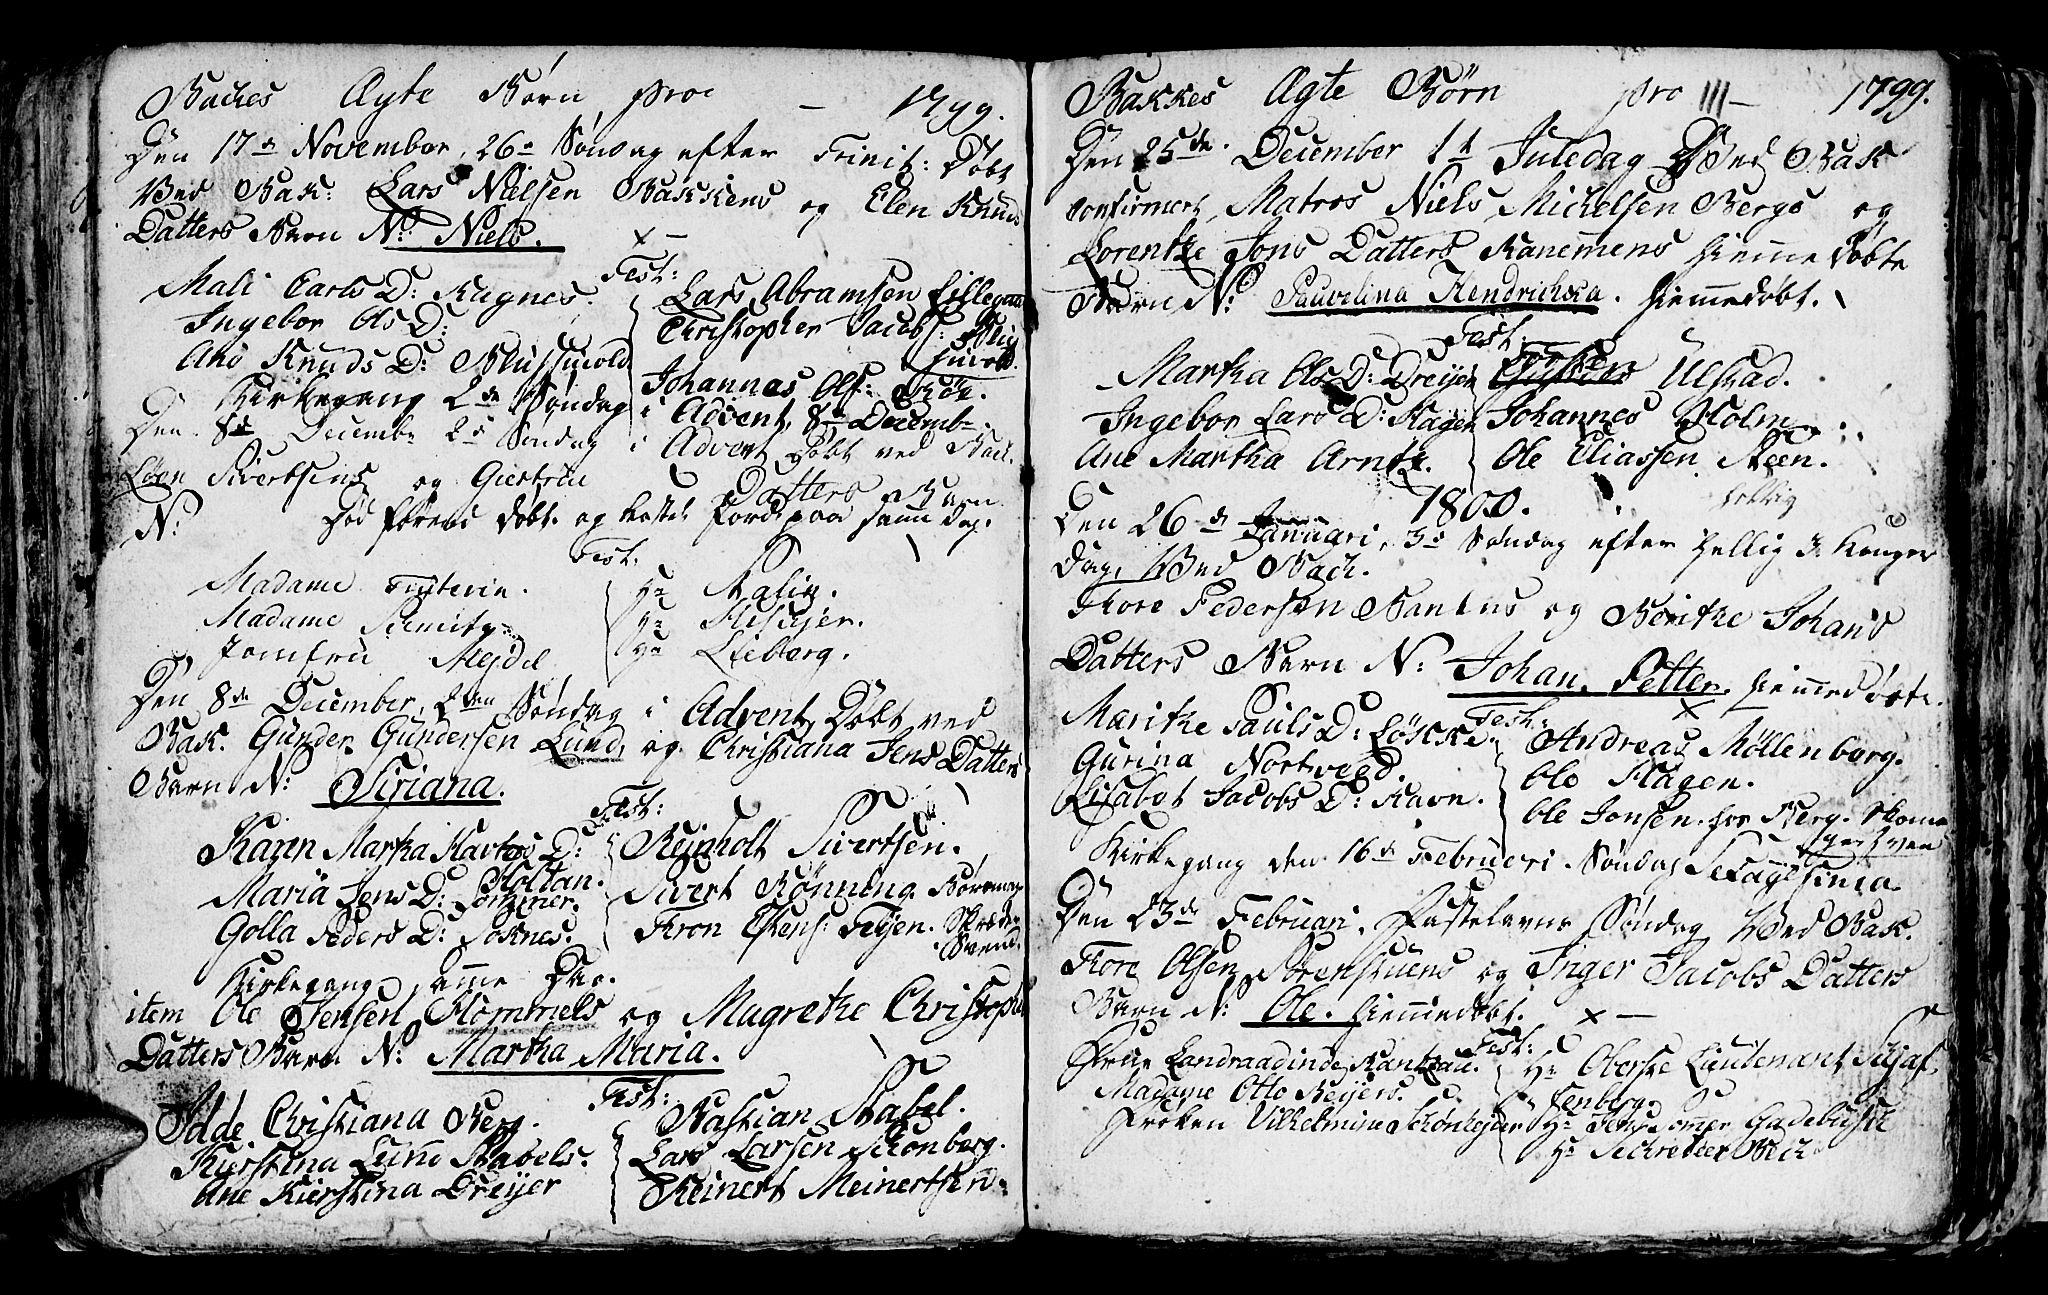 SAT, Ministerialprotokoller, klokkerbøker og fødselsregistre - Sør-Trøndelag, 604/L0218: Klokkerbok nr. 604C01, 1754-1819, s. 111